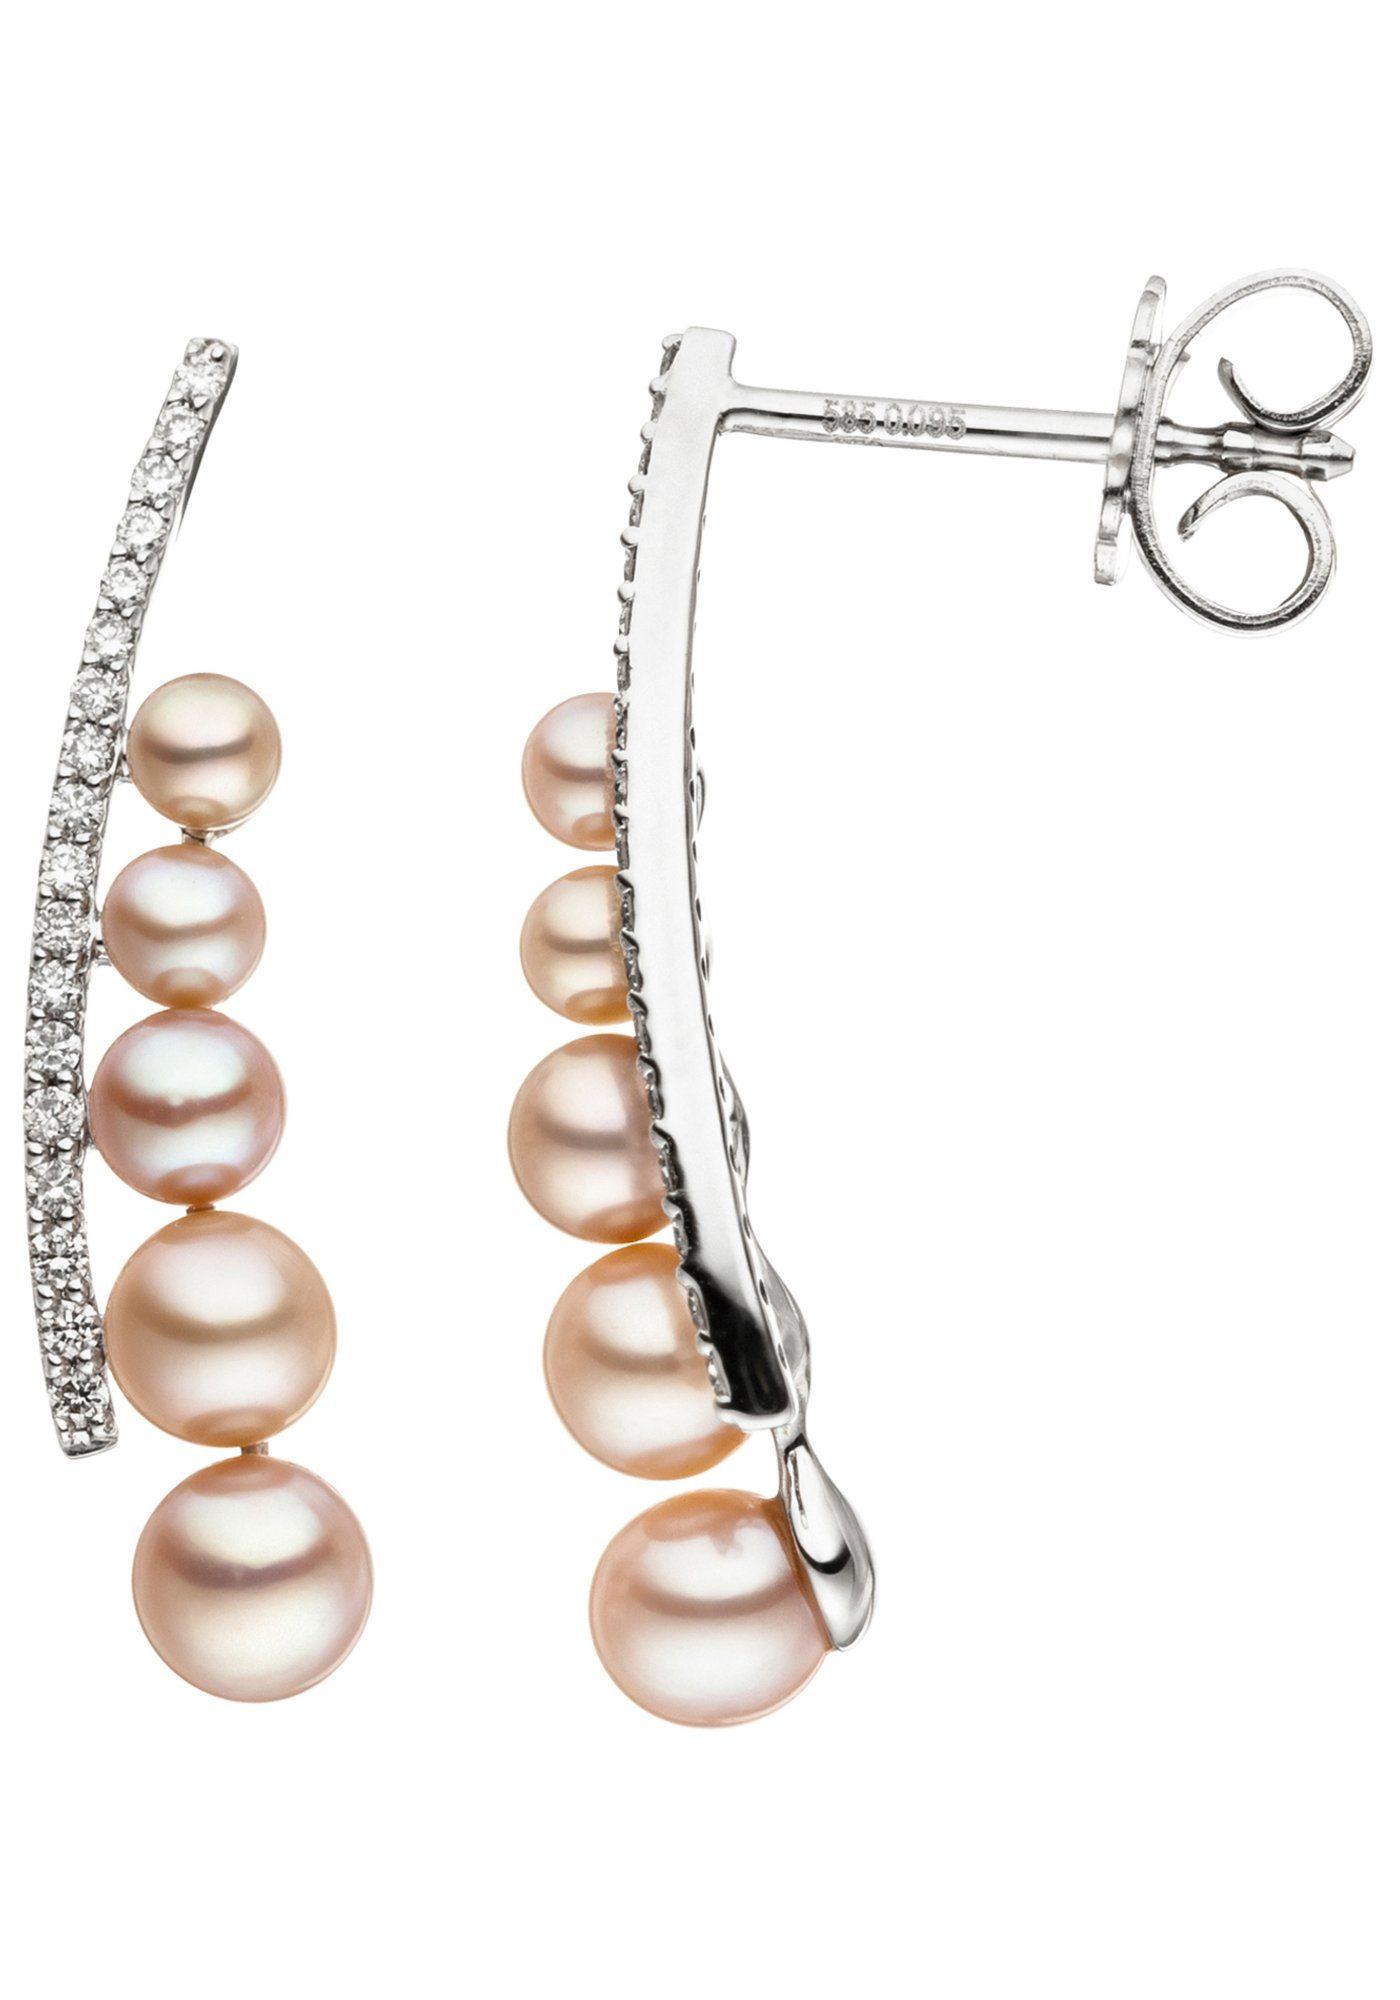 JOBO Perlenohrringe 585 Weißgold 36 Diamanten 10 Süßwasser Perlen